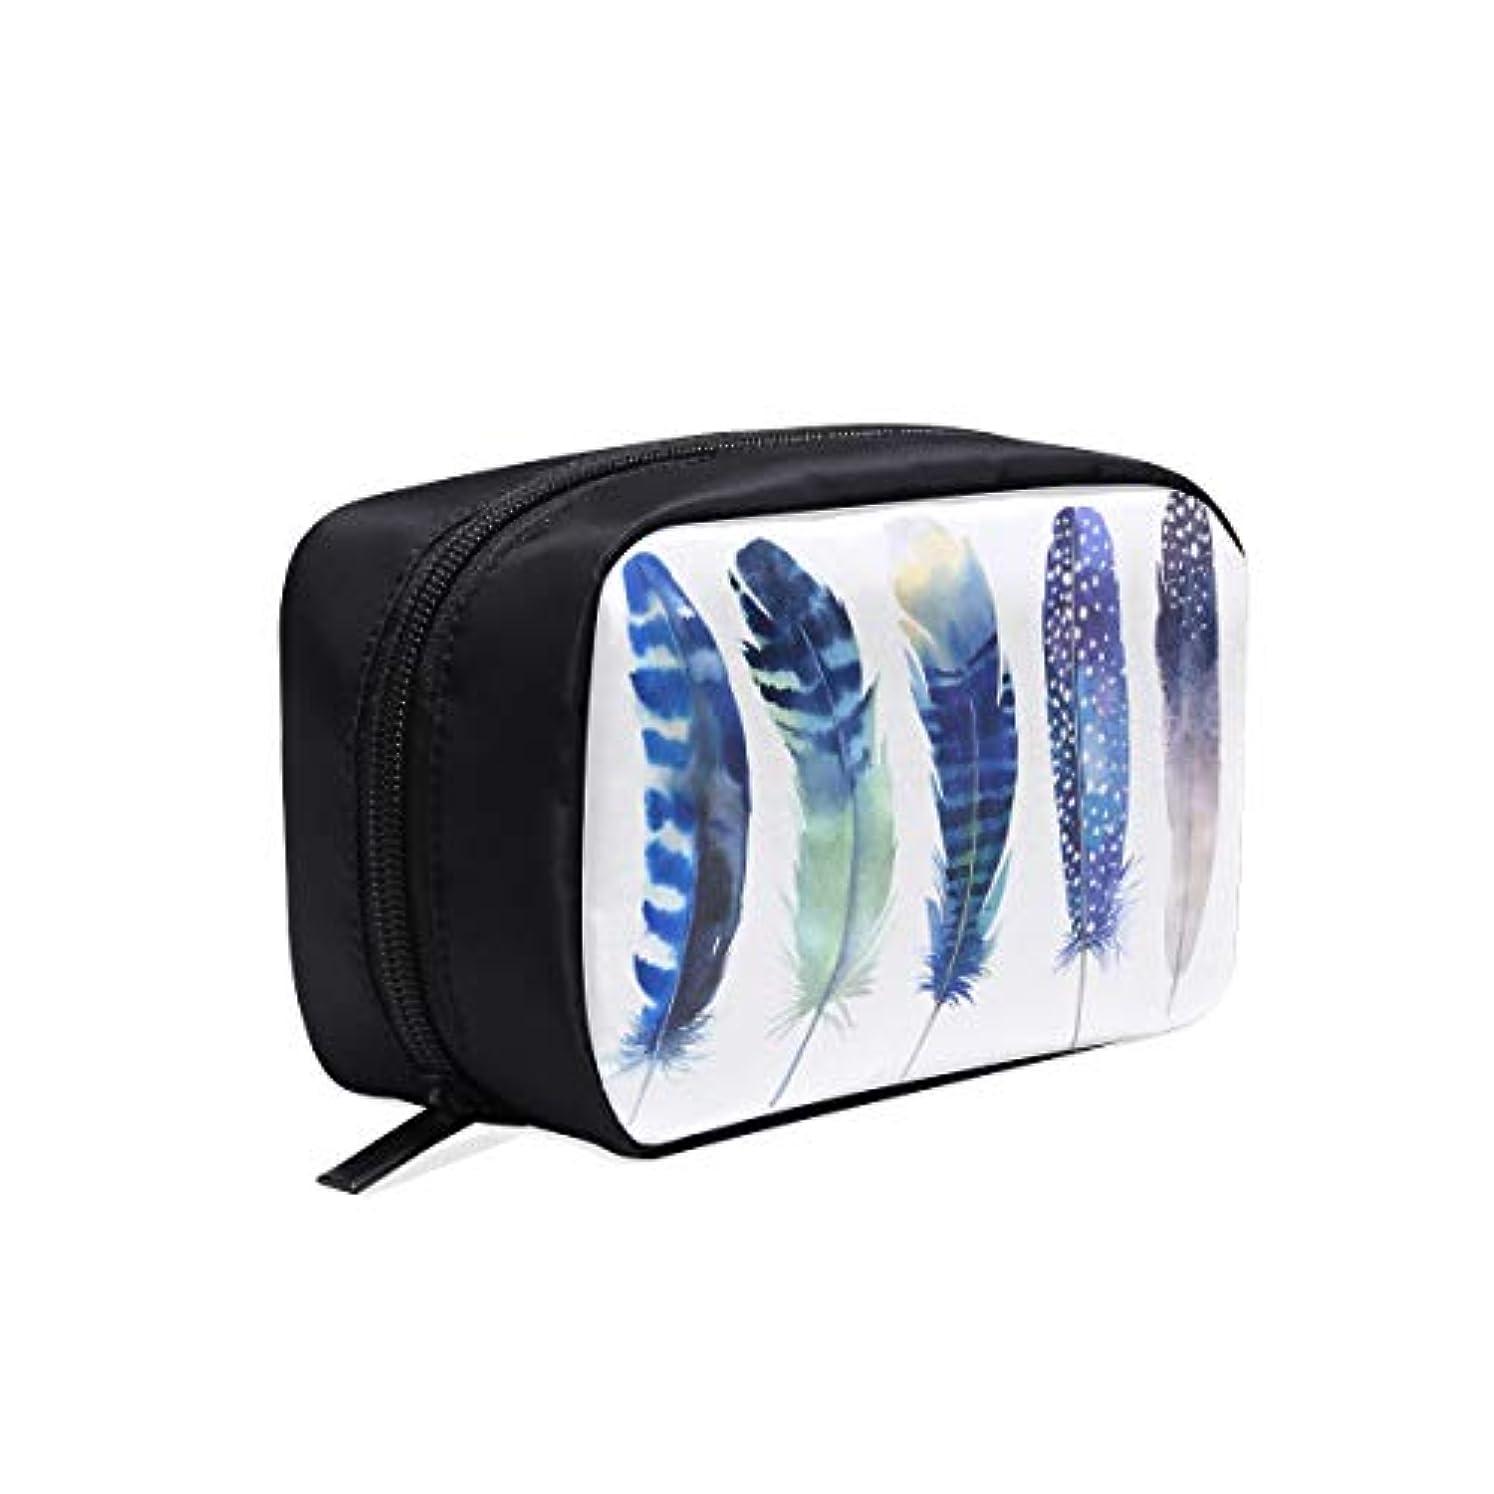 協同ヒール情熱KWESG メイクポーチ チキンフェザー ボックス コスメ収納 化粧品収納ケース 大容量 収納 化粧品入れ 化粧バッグ 旅行用 メイクブラシバッグ 化粧箱 持ち運び便利 プロ用